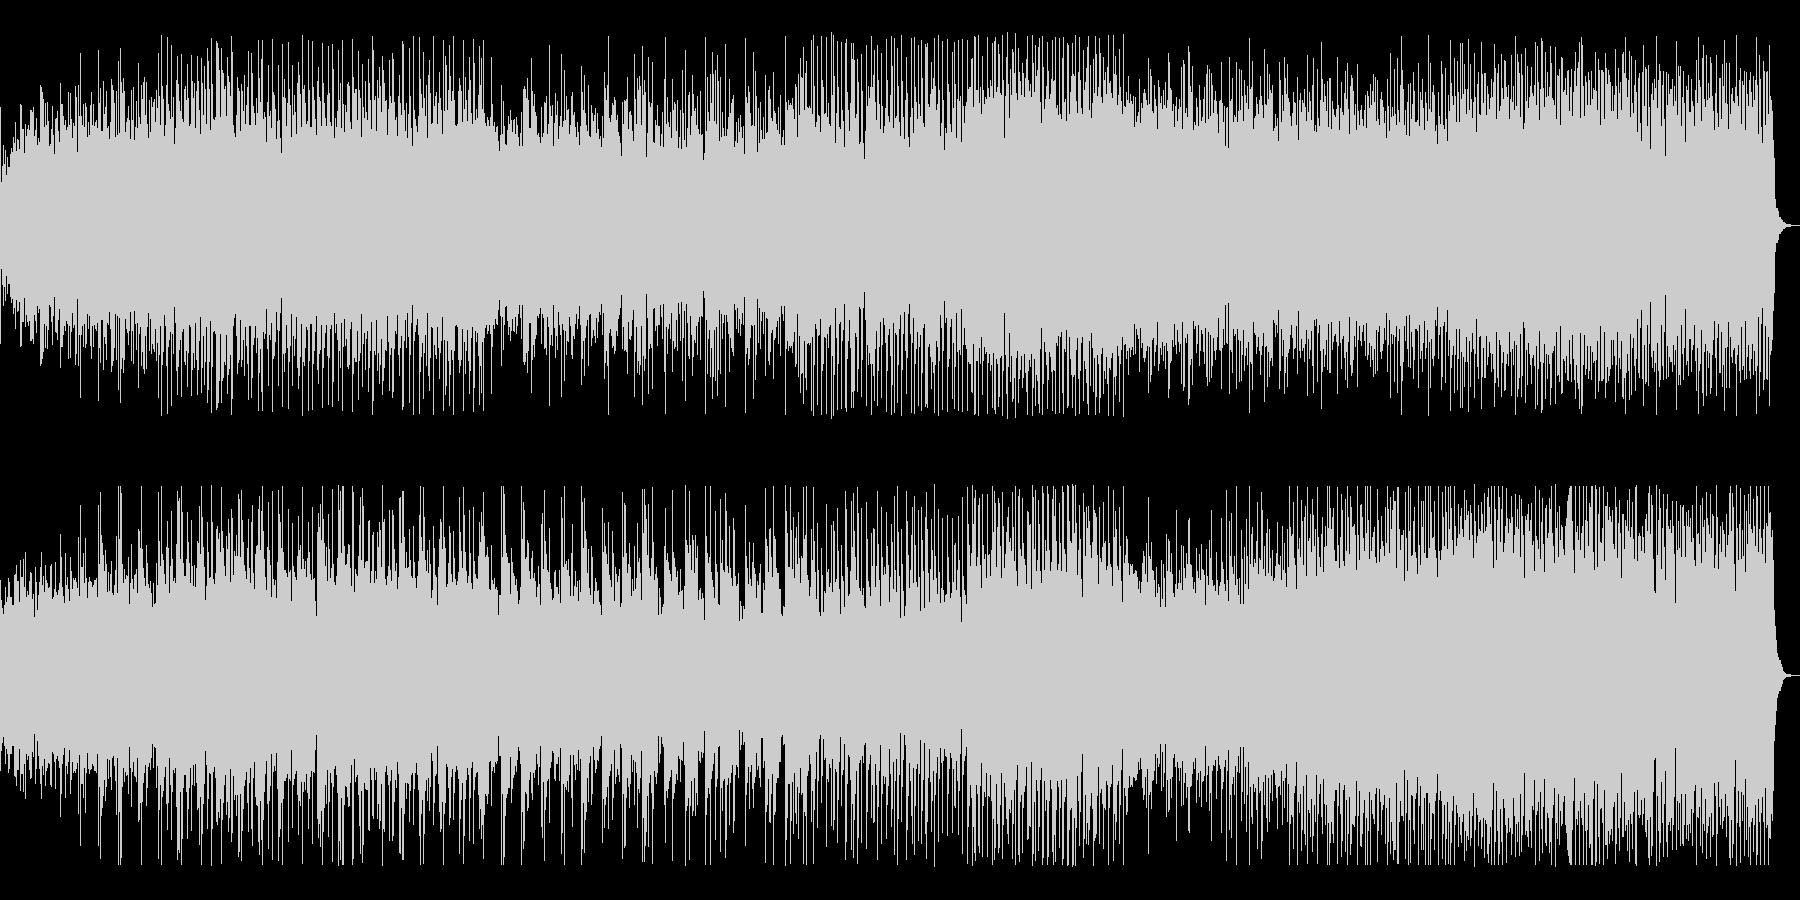 一区切りでトロピカル、スピード感ある曲の未再生の波形